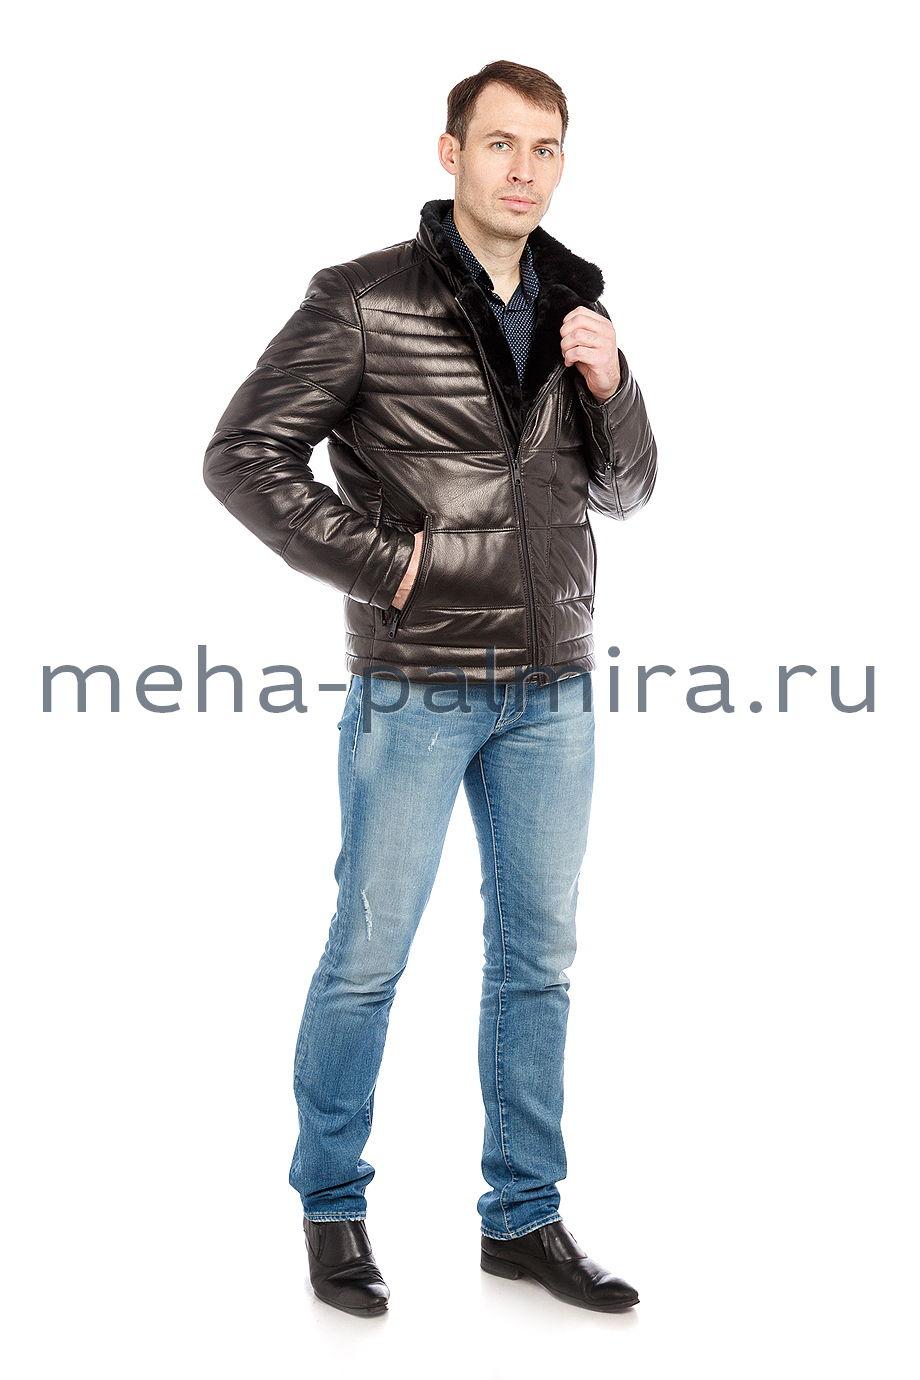 Мужской пуховик - косуха из натуральной кожи, черный